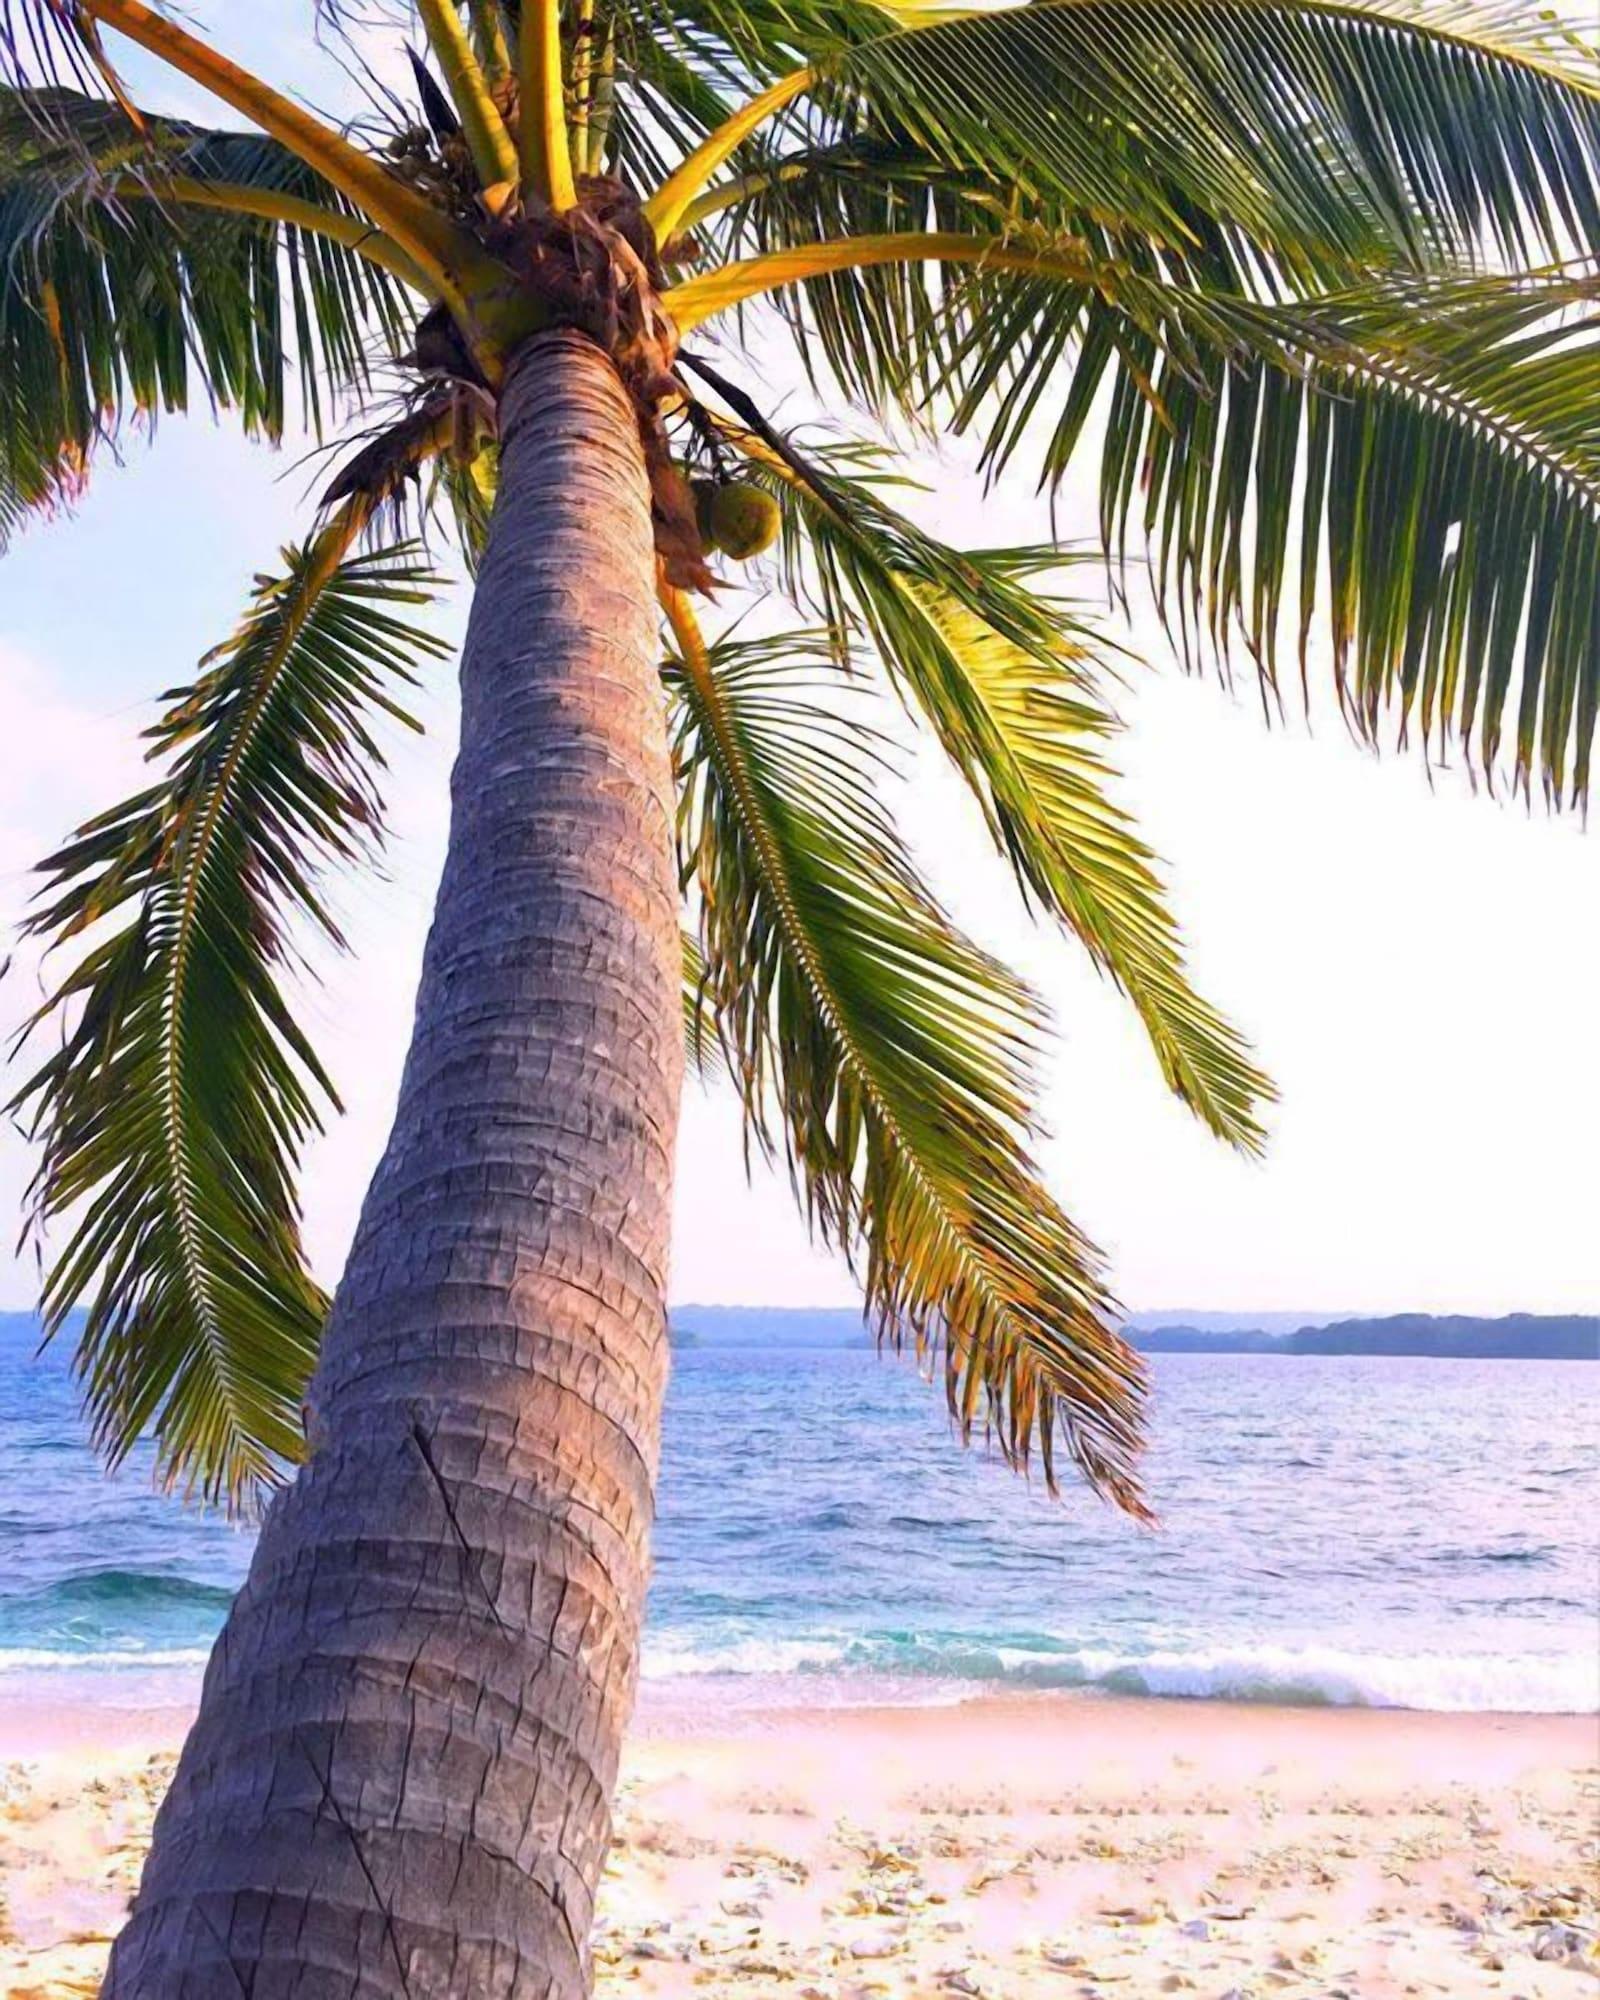 Dany Island, South East Santo